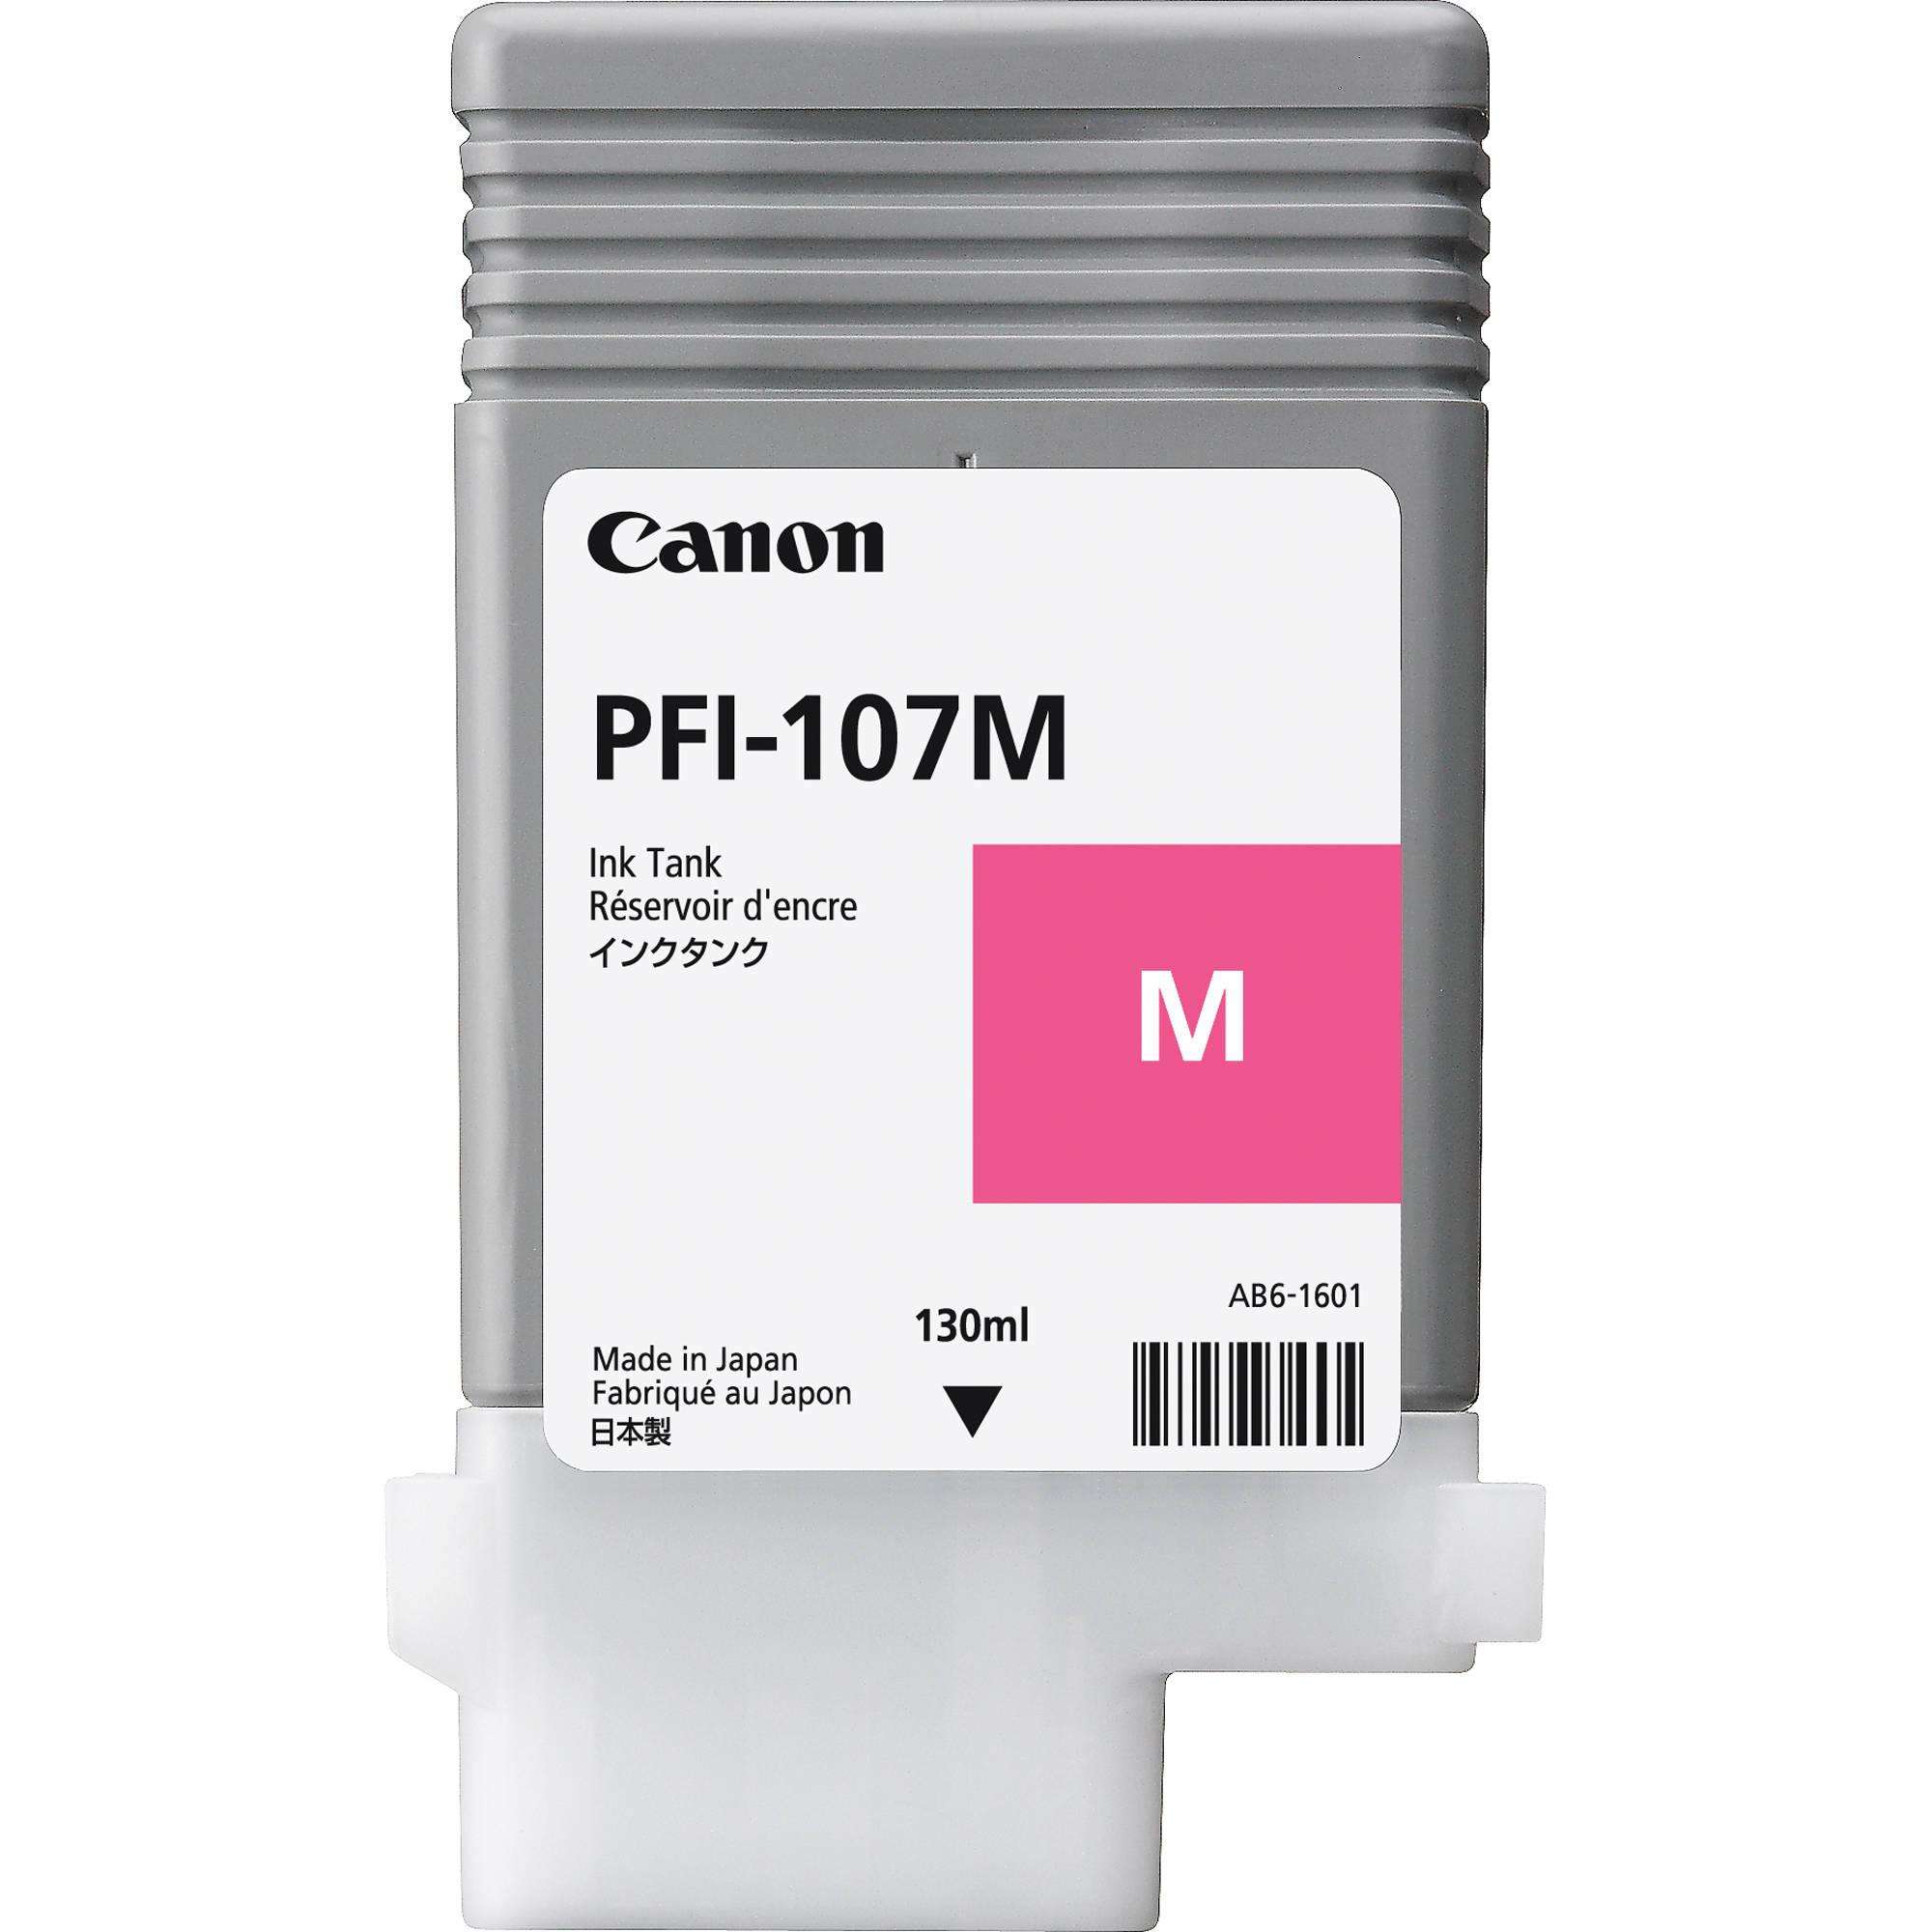 Cartouche Magenta PFI-107M - 6707B001 pour imprimante Jet d'encre Canon - 0